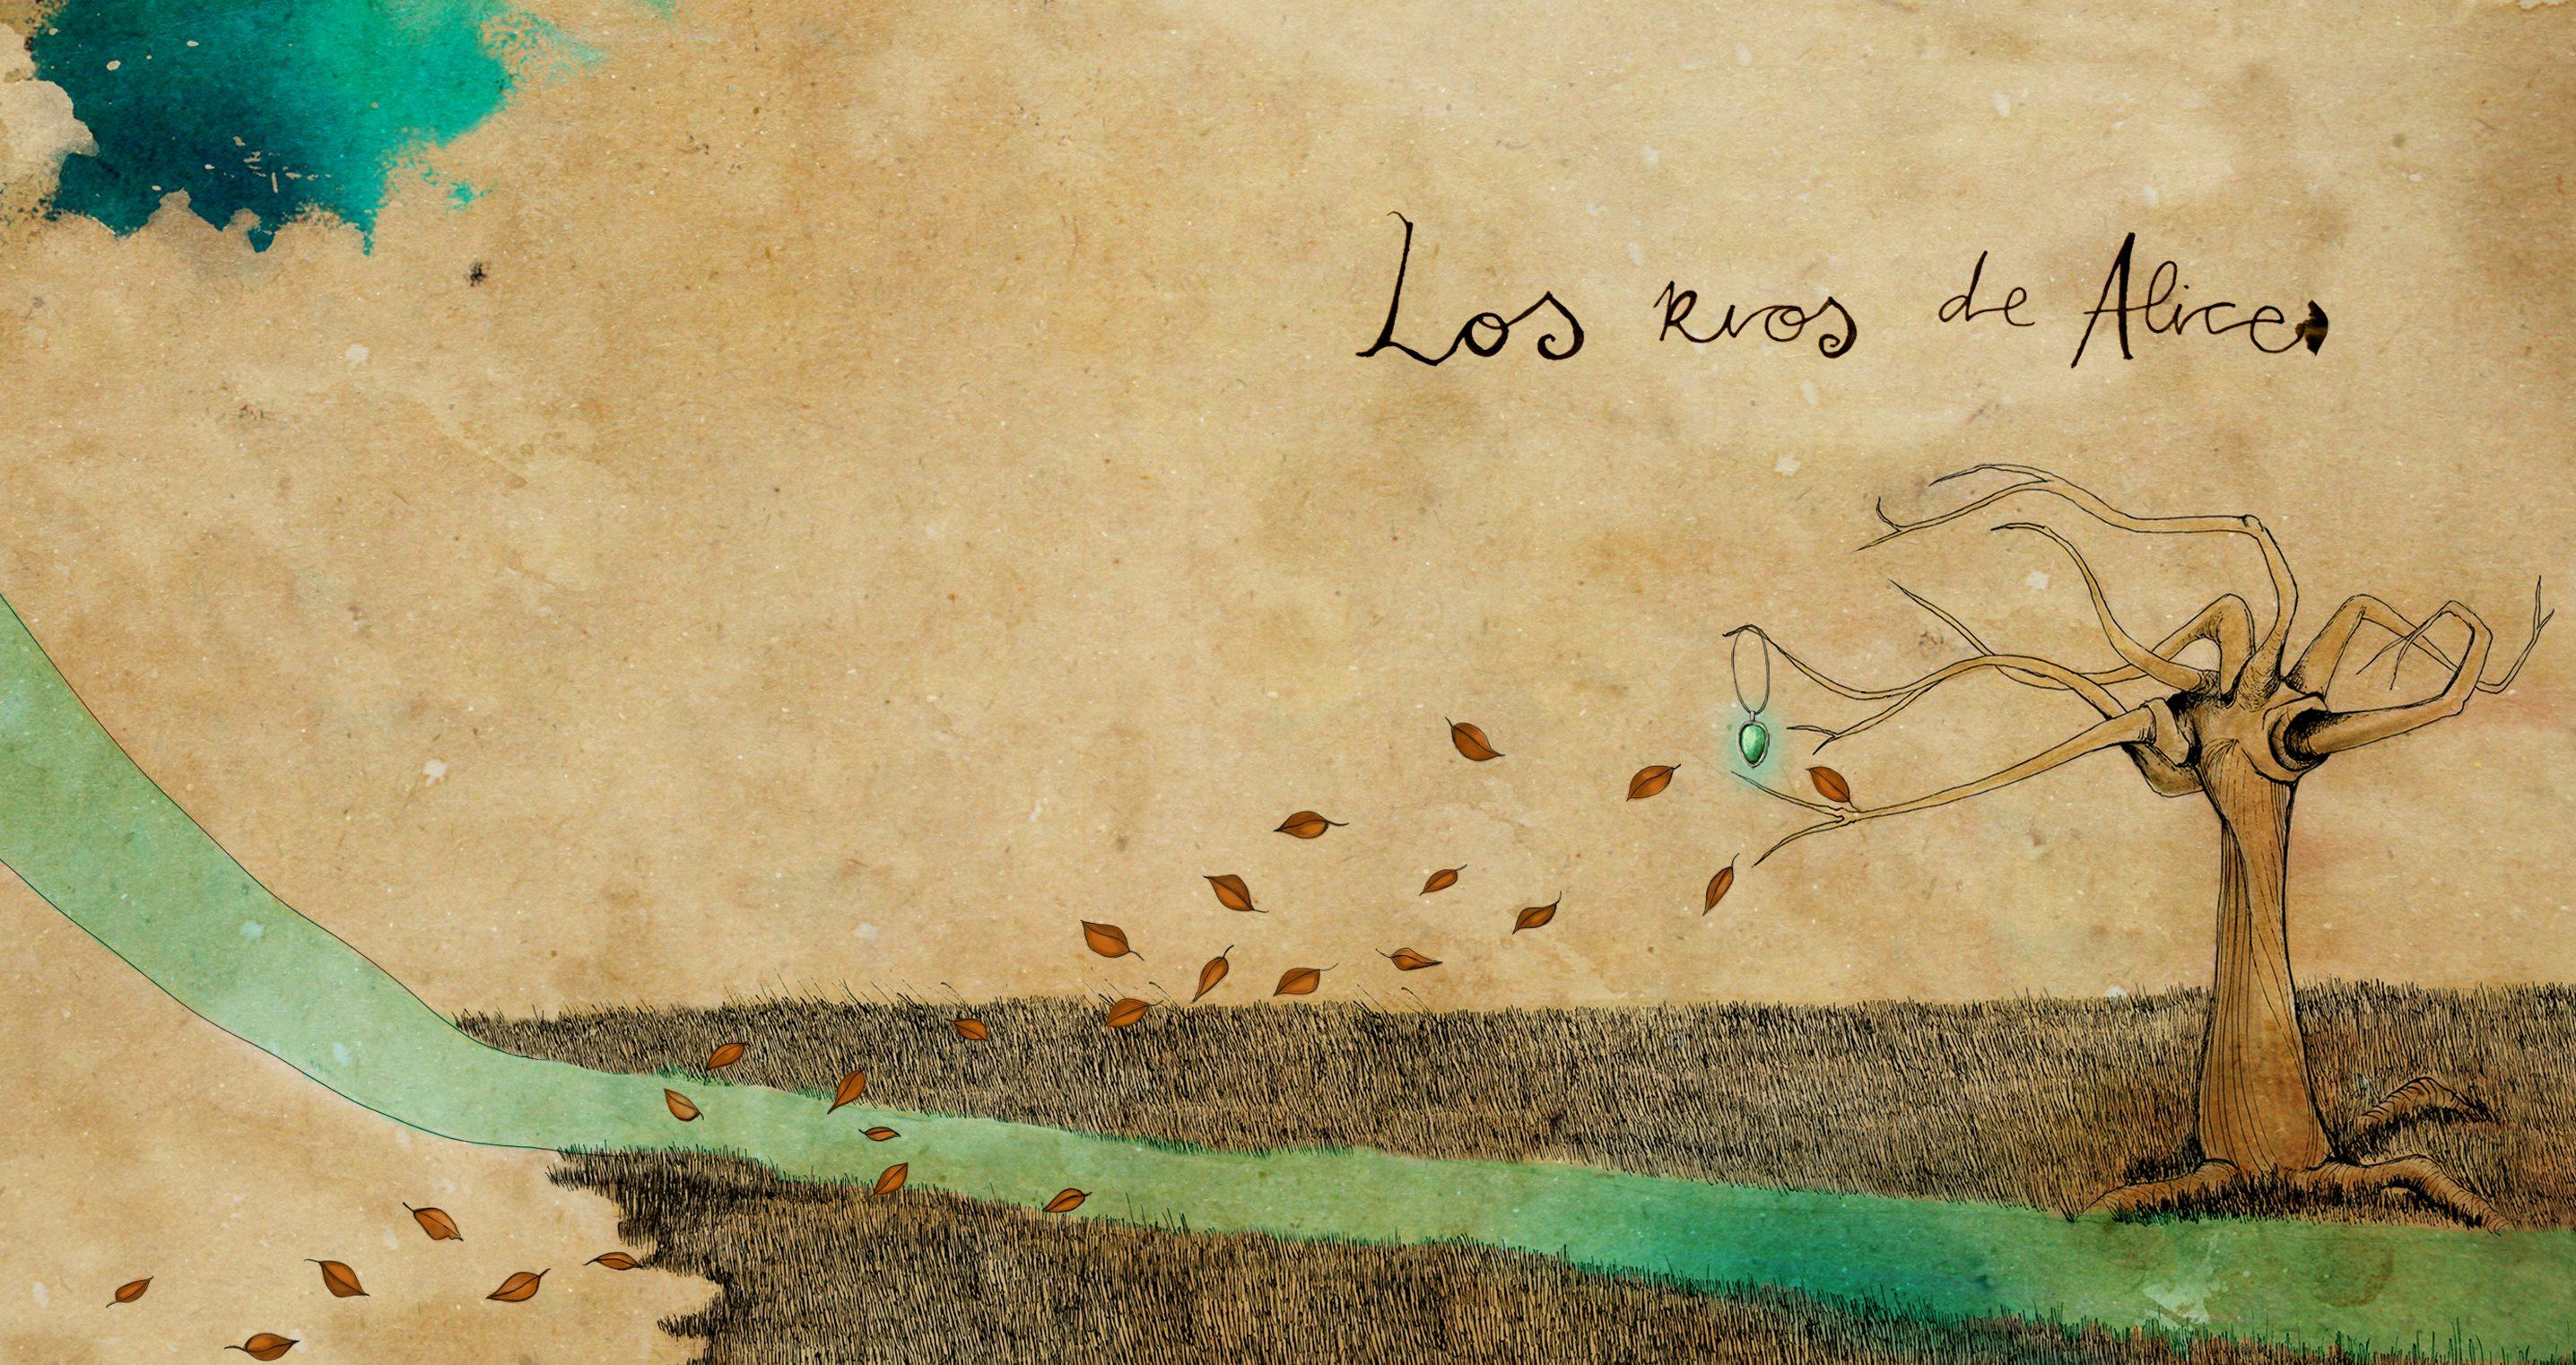 I Love Rock And Games - Los Rios De Alice (2013)